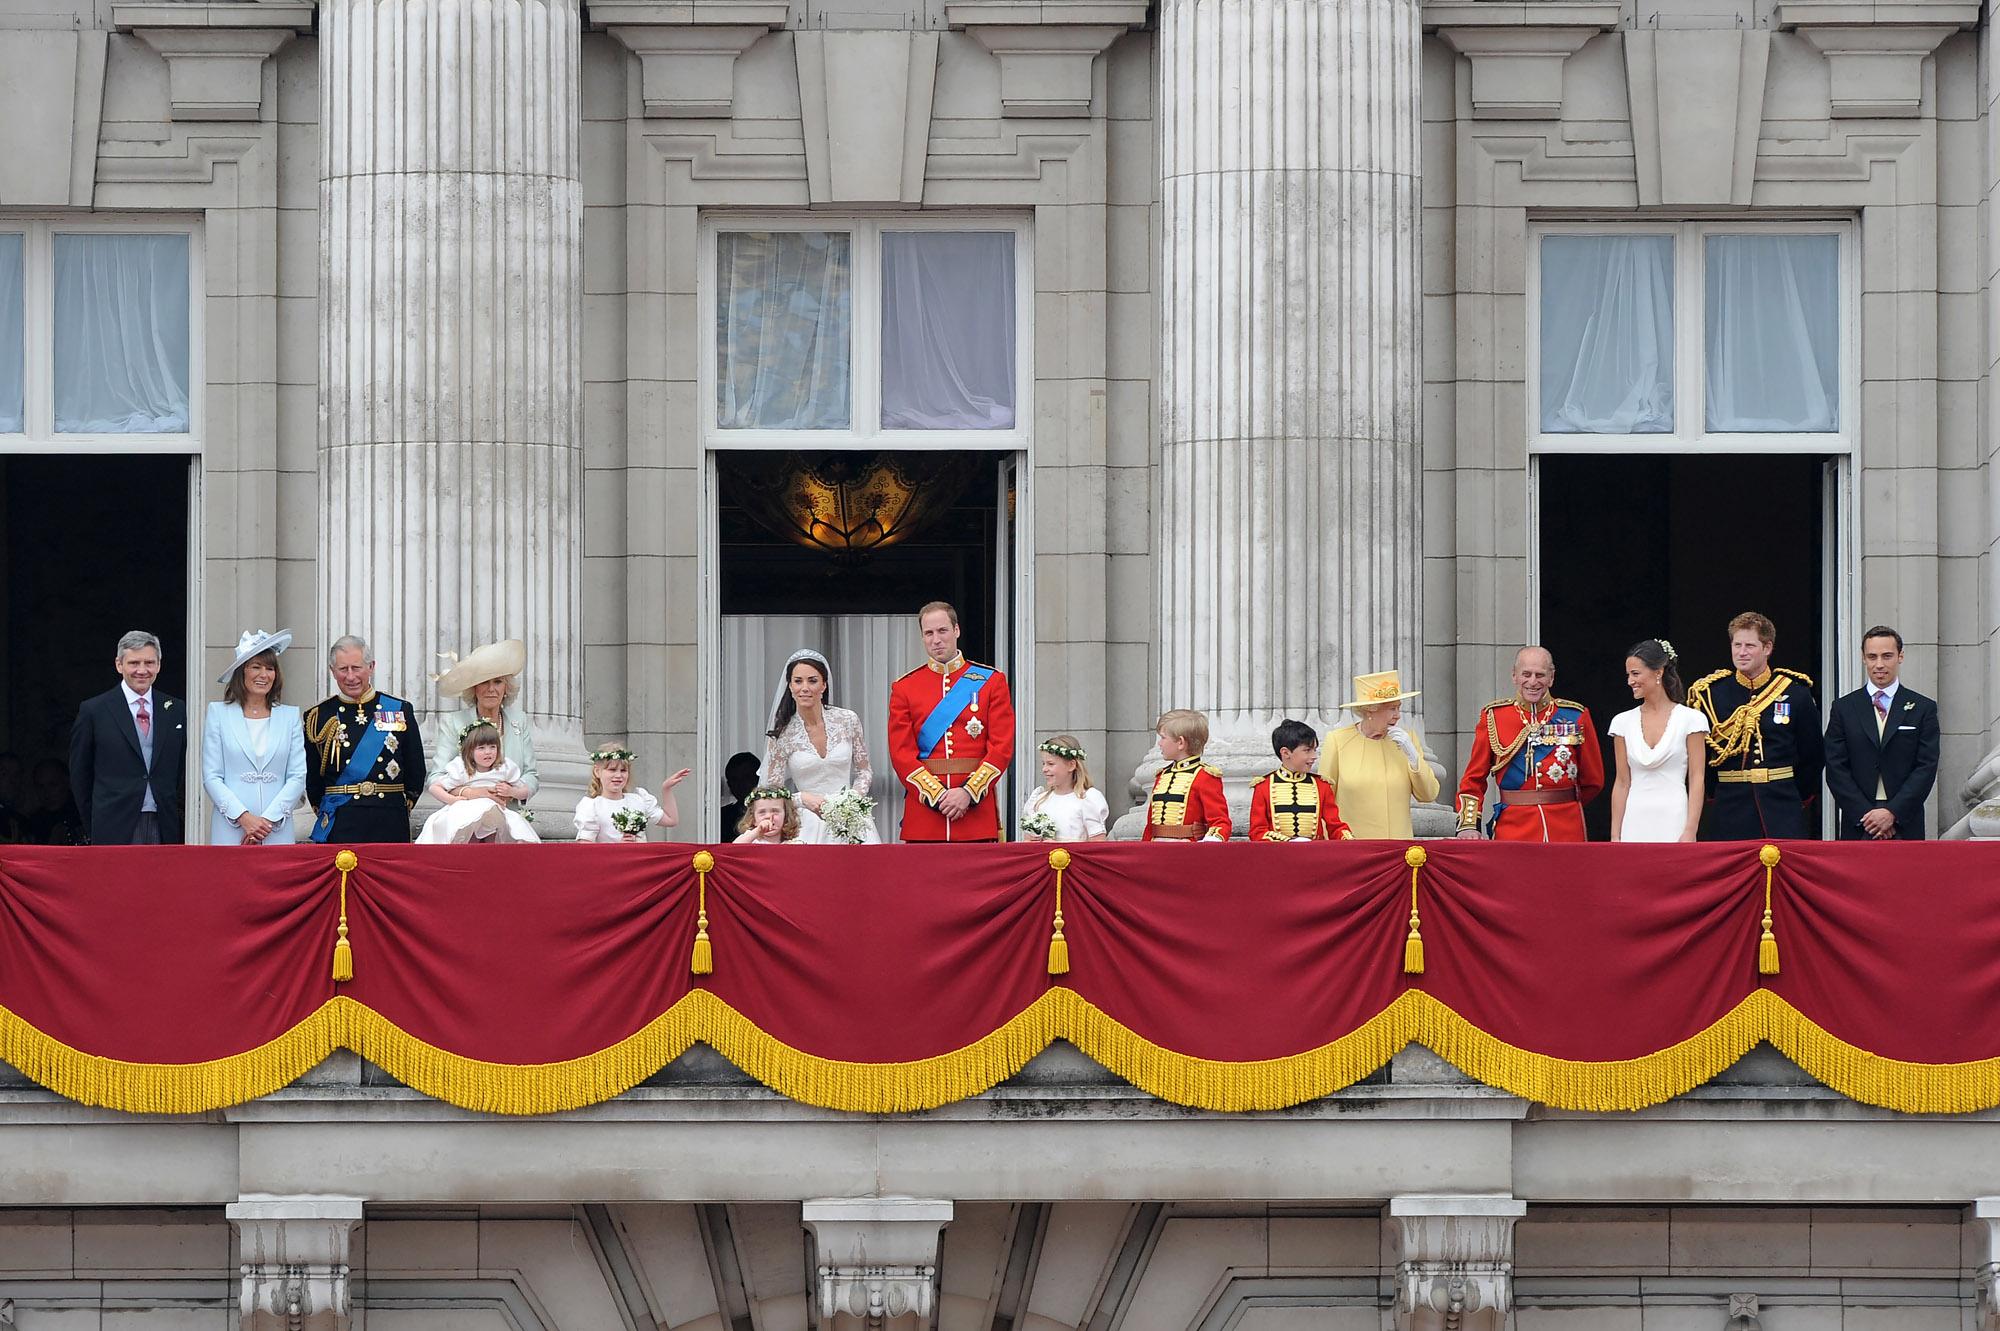 Свадьба принца Уильяма иКейт Миддлтон, Лондон, апрель 2011